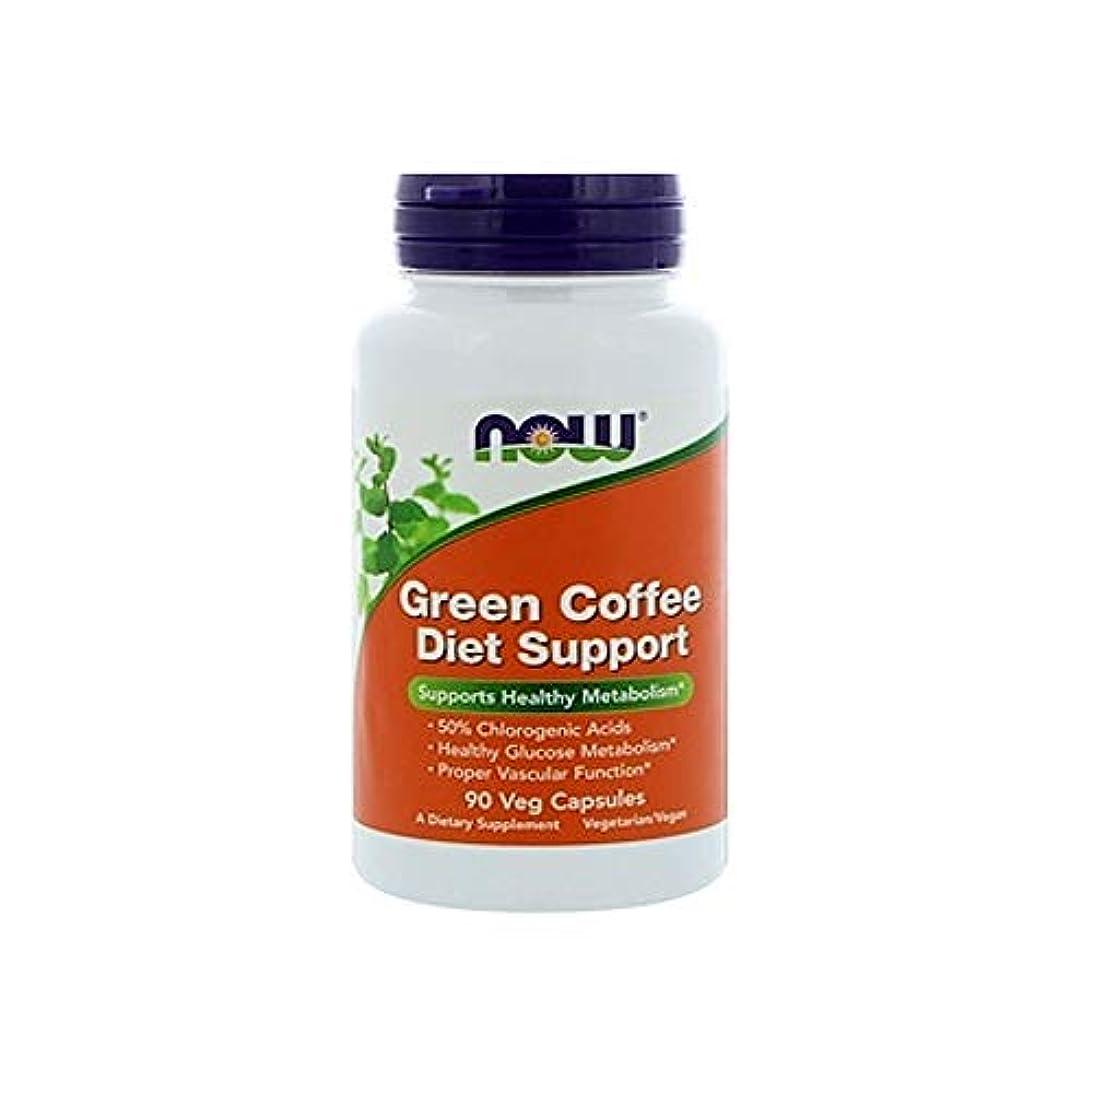 レバー荒れ地しかし[海外直送品] ナウフーズ グリーンコーヒー ダイエットサポート(クロロゲン酸含有) 90粒